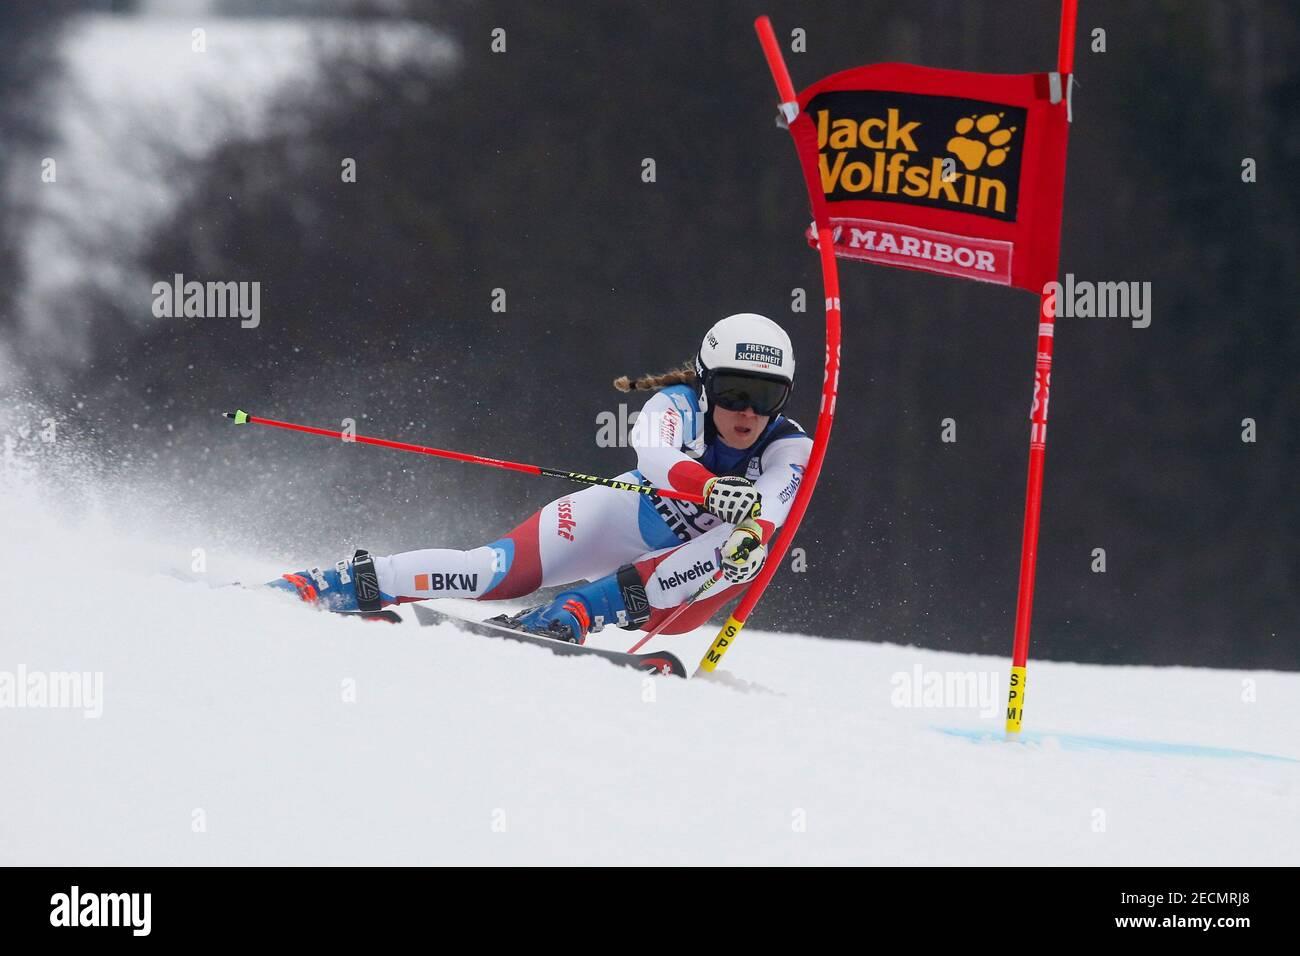 Esquí alpino - Copa Mundial de esquí alpino - Slalom femenino - Slalom femenino - Maribor, Eslovenia - 1 de febrero de 2019 Andrea Ellenberger de Suiza en acción durante la primera carrera REUTERS/Borut Zvulovic Foto de stock